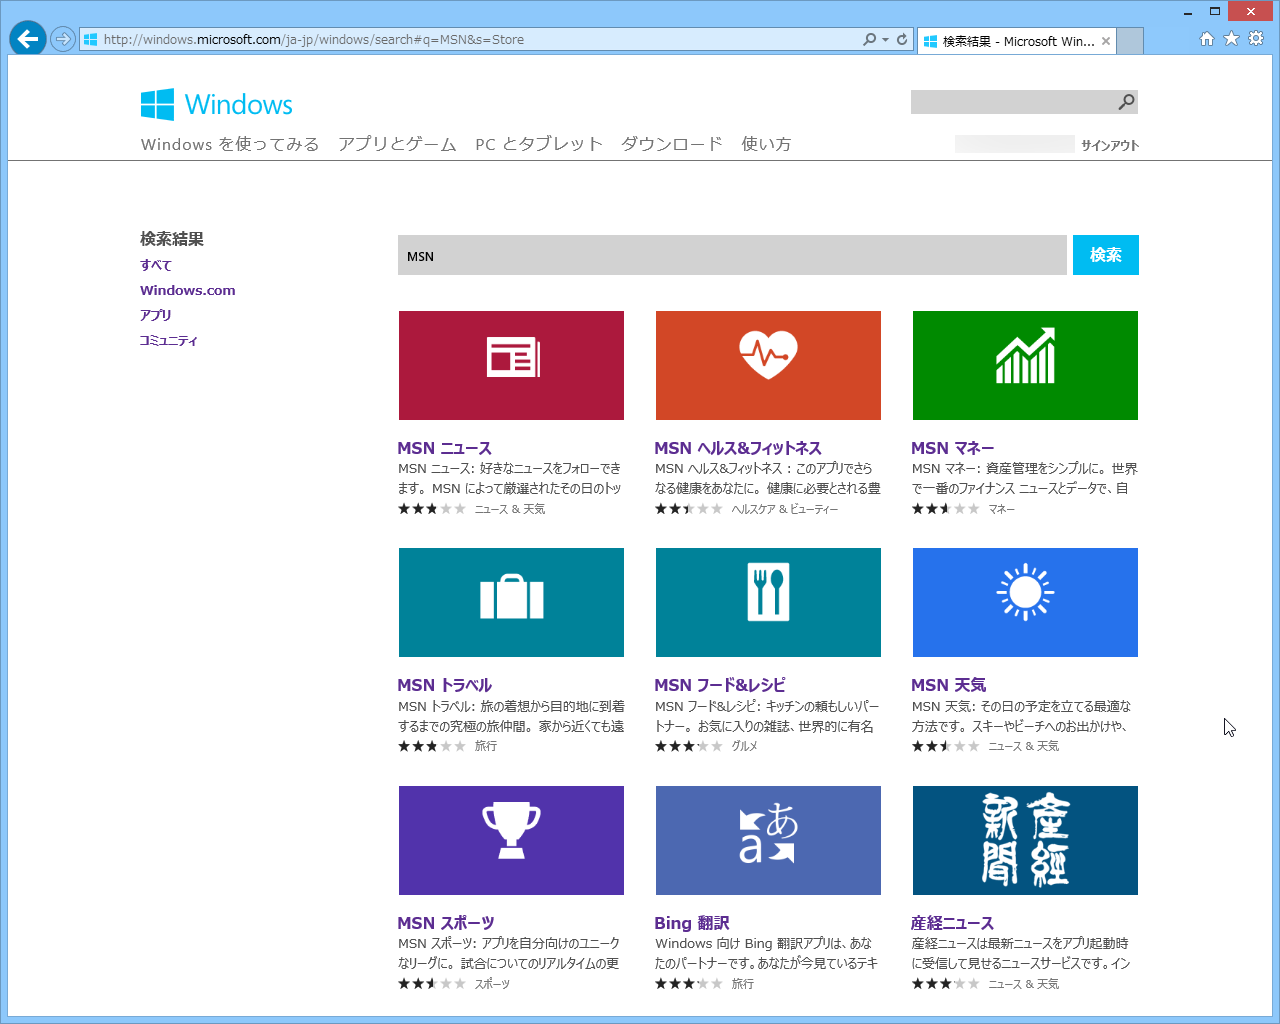 """これまで""""Bing""""ブランドで提供されてきた同社製のWindows ストアアプリが、""""MSN""""ブランドへと一新"""